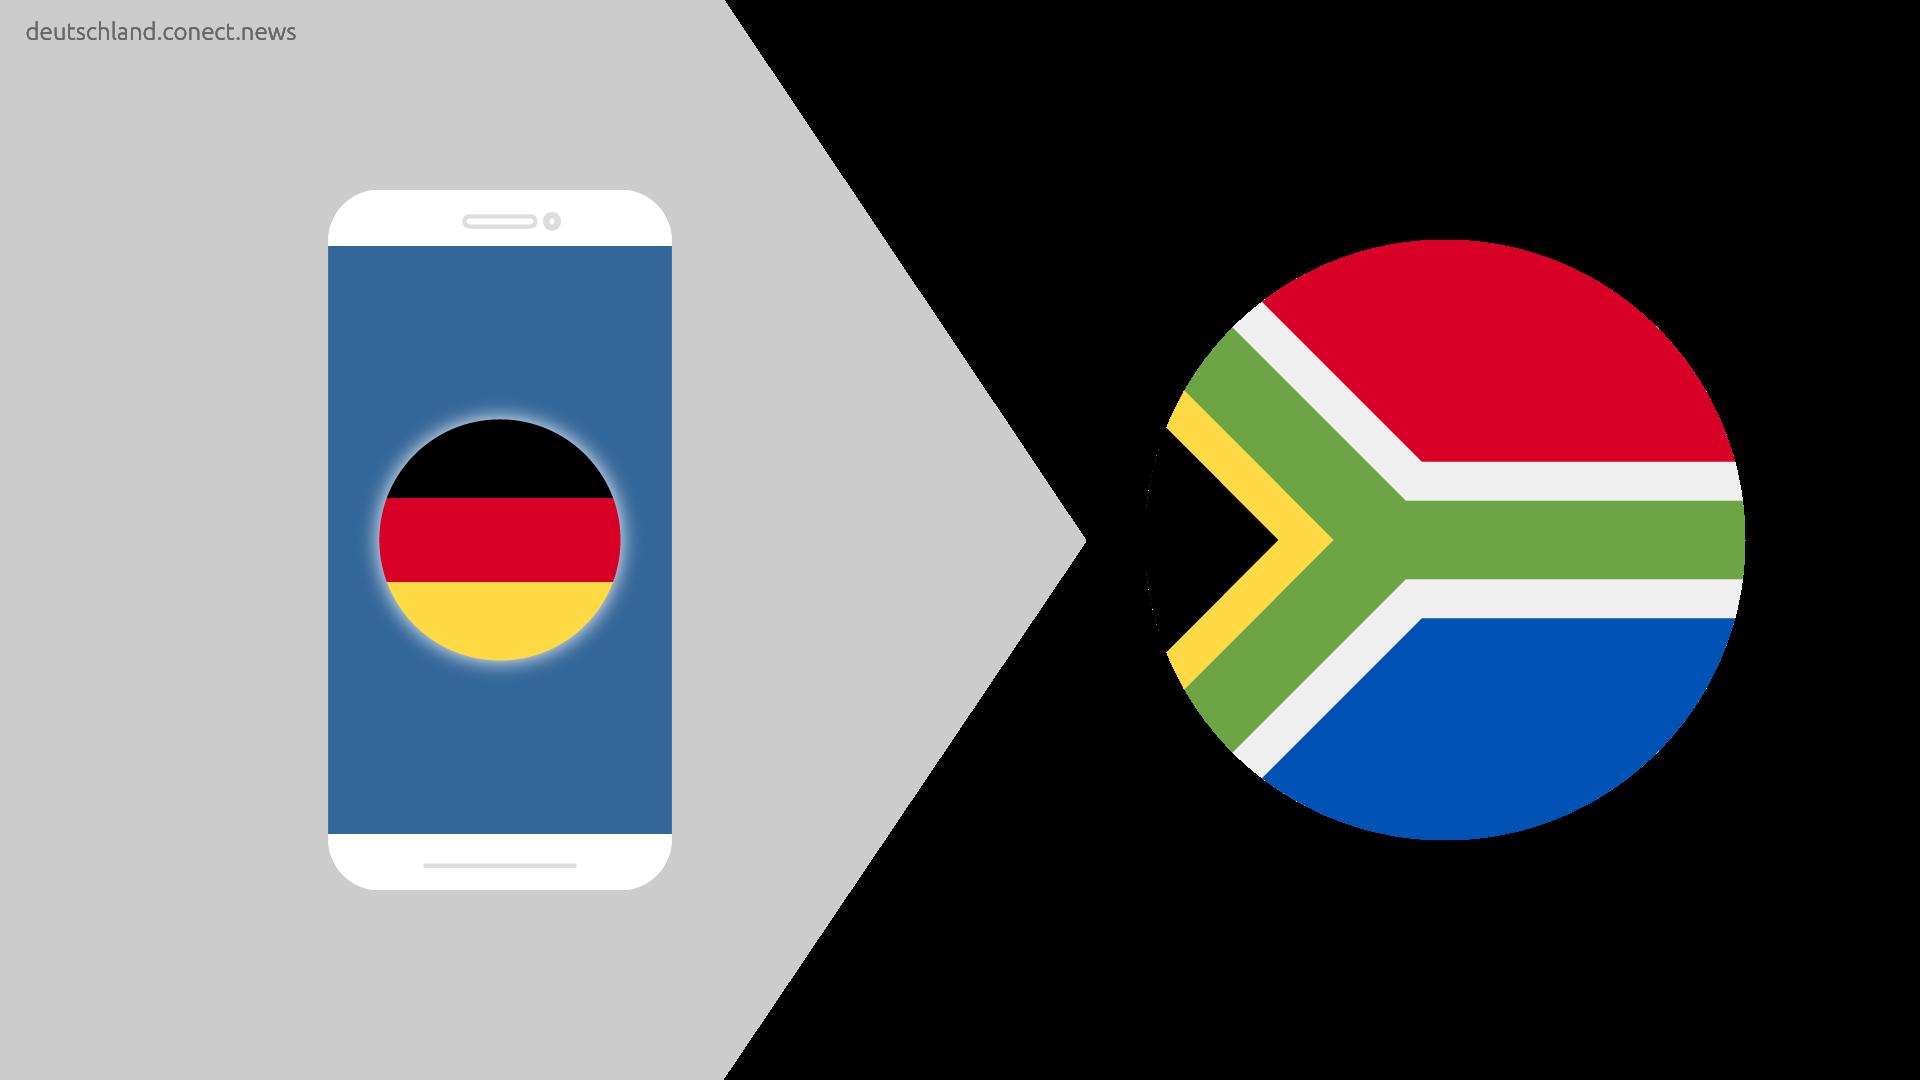 Günstiger von Deutschland nach Südafrika @conetc_news